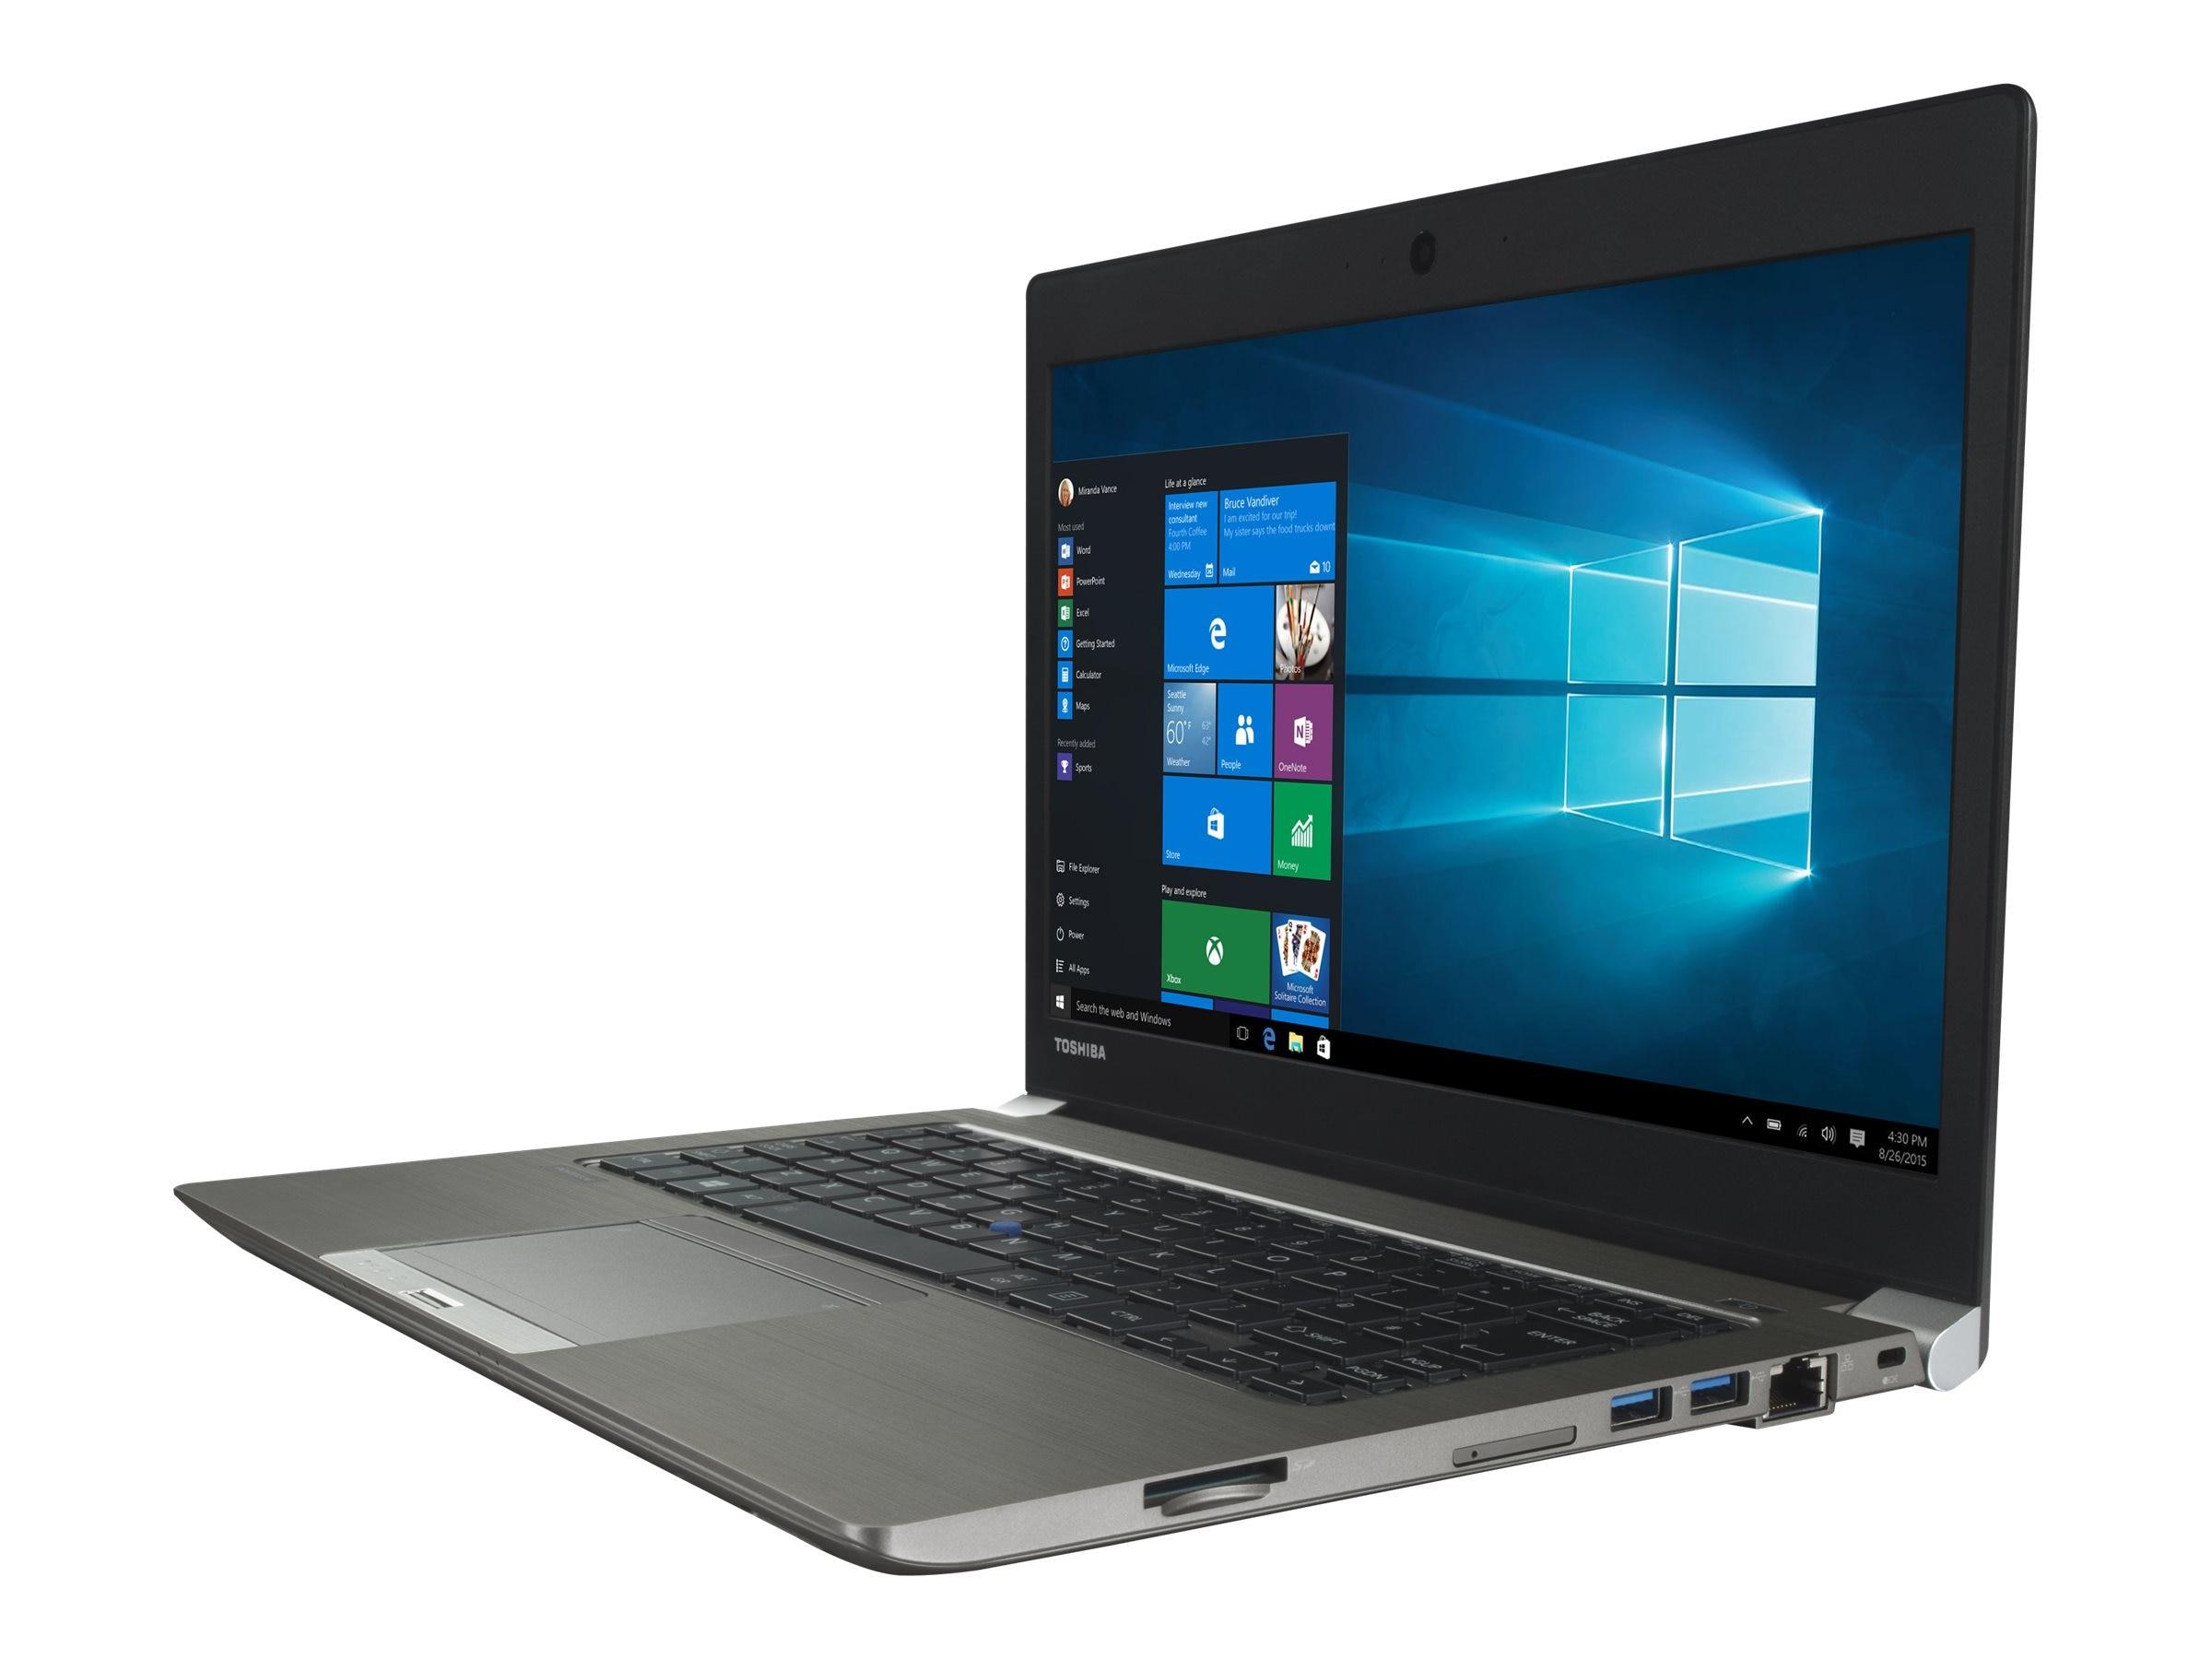 Toshiba Portege Z30-C1320 Core i7 2.6GHz 8GB 256GB W7P-W10P, PT261U-012008, 31232285, Notebooks